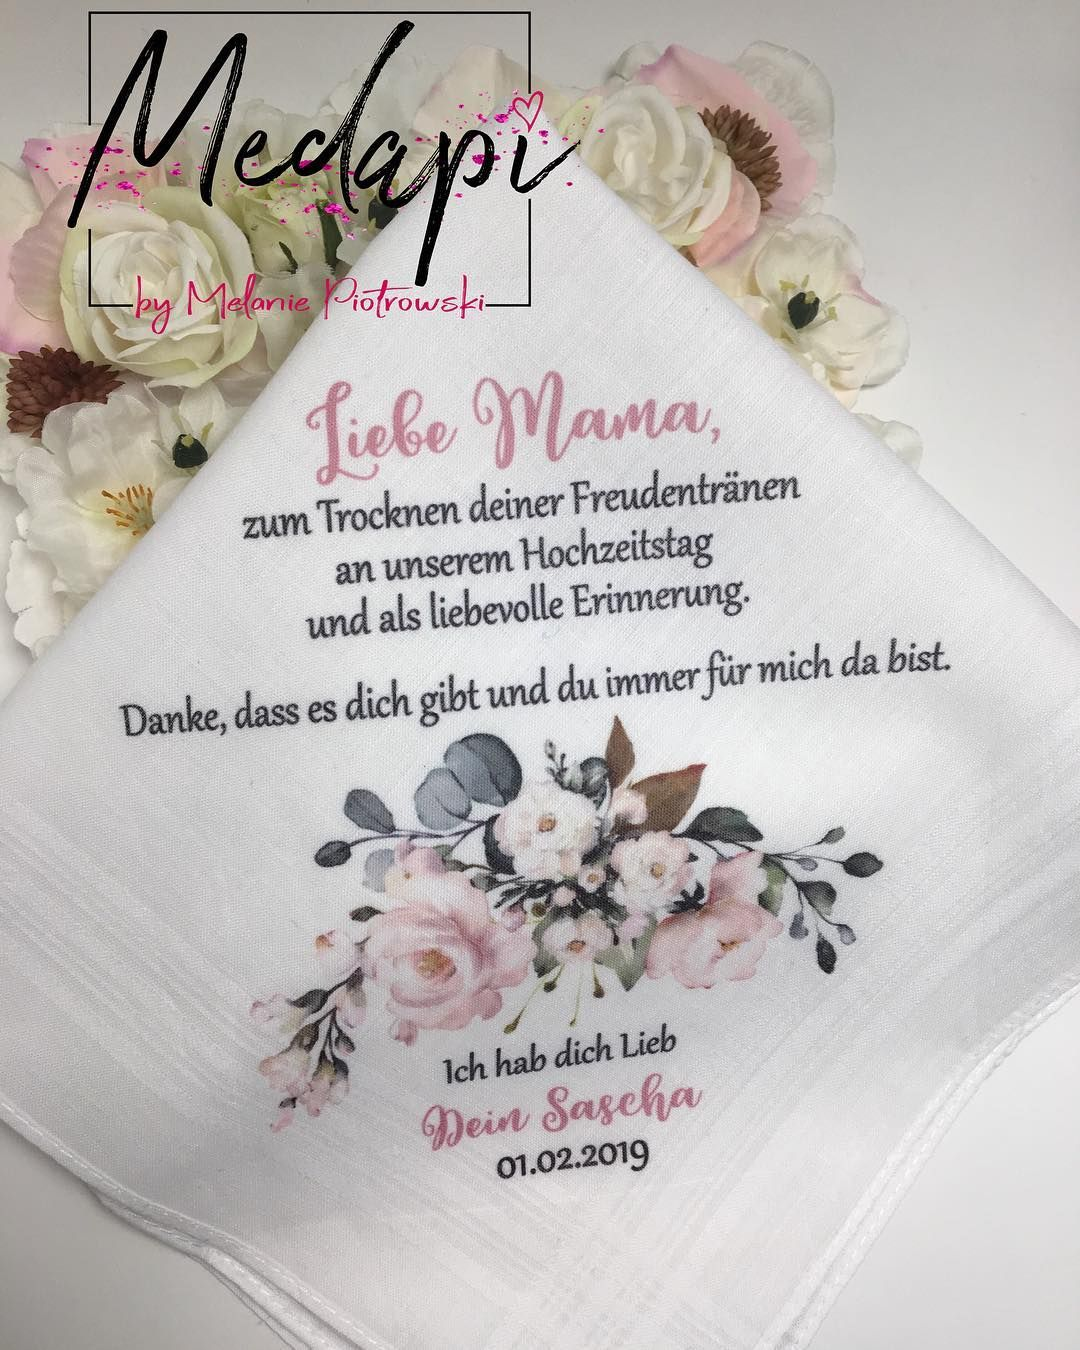 2 Taschentucher Aus Einem Set Zeige Ich Euch Wunschfarbe Rosa Taschentuch Taschentuchbedruckt Individuell Bedruckt Nachwunsch Instagram Posts Instagram